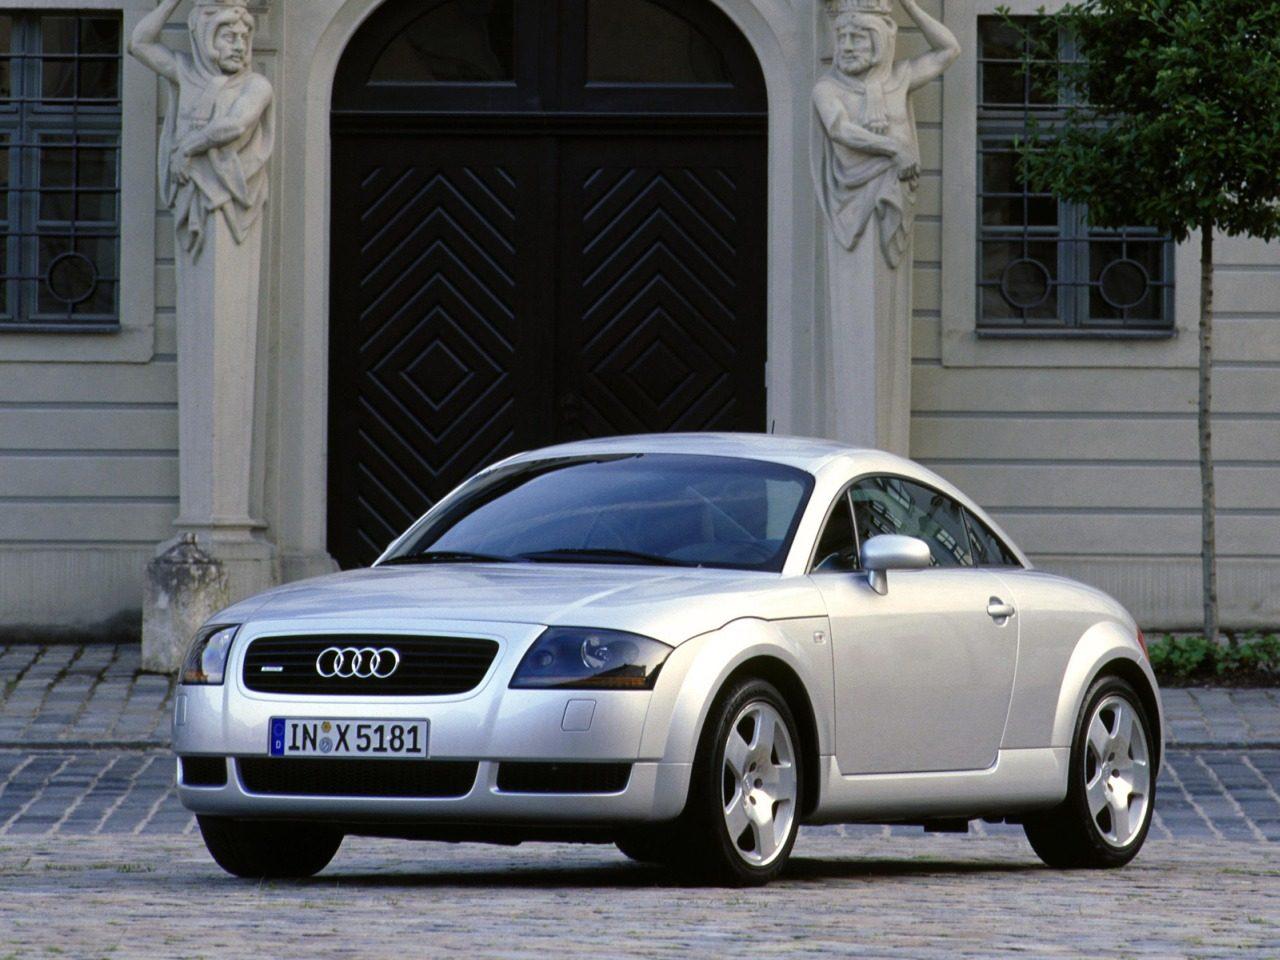 Audi-TT-8N-01.jpg